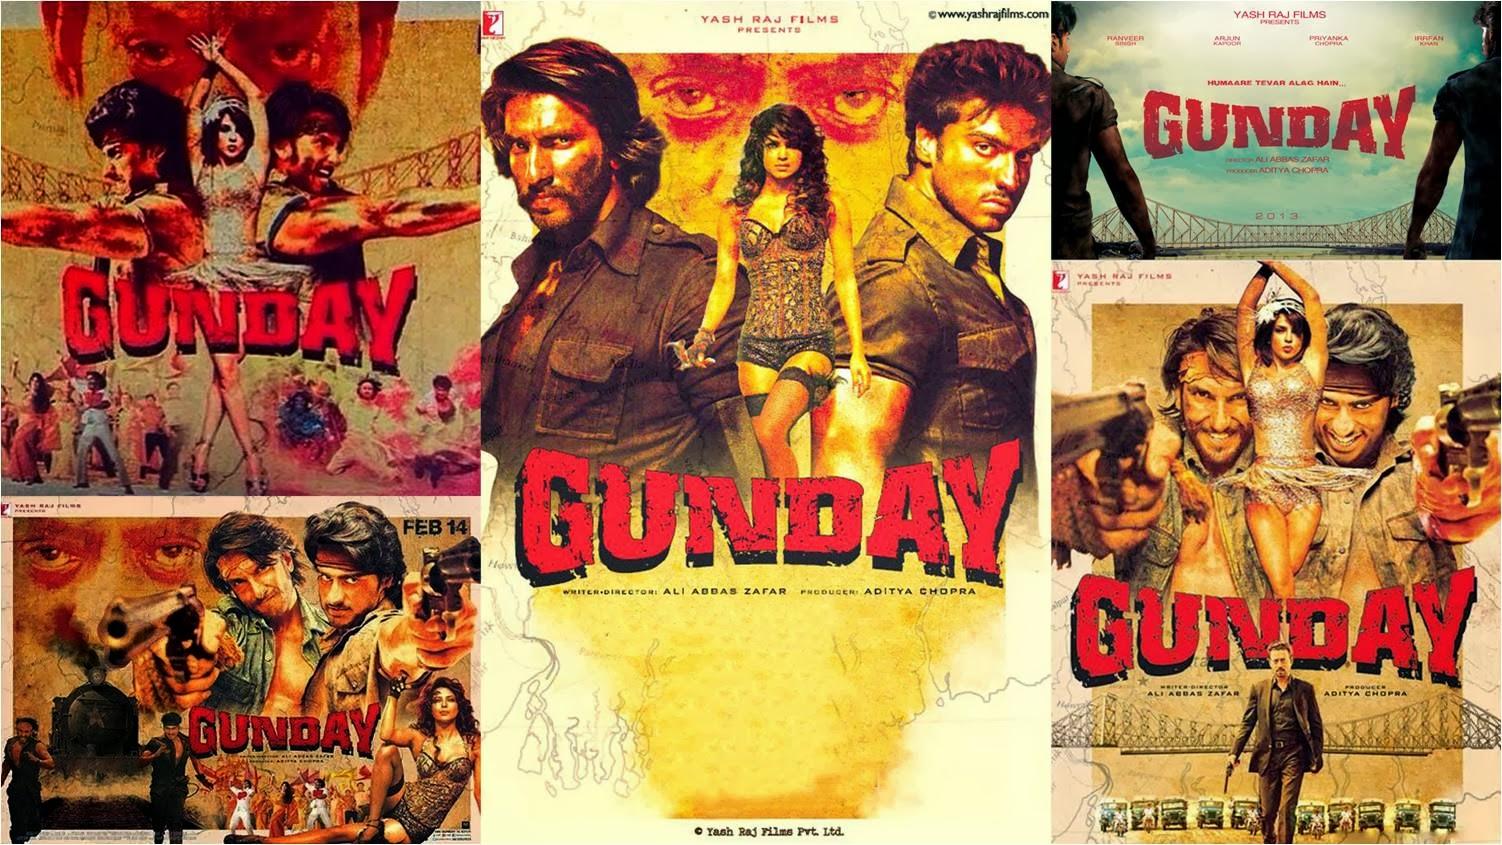 Official posters of Gunday movie: Arjun Kapoor, Ranveer Singh and Priyanka Chopra